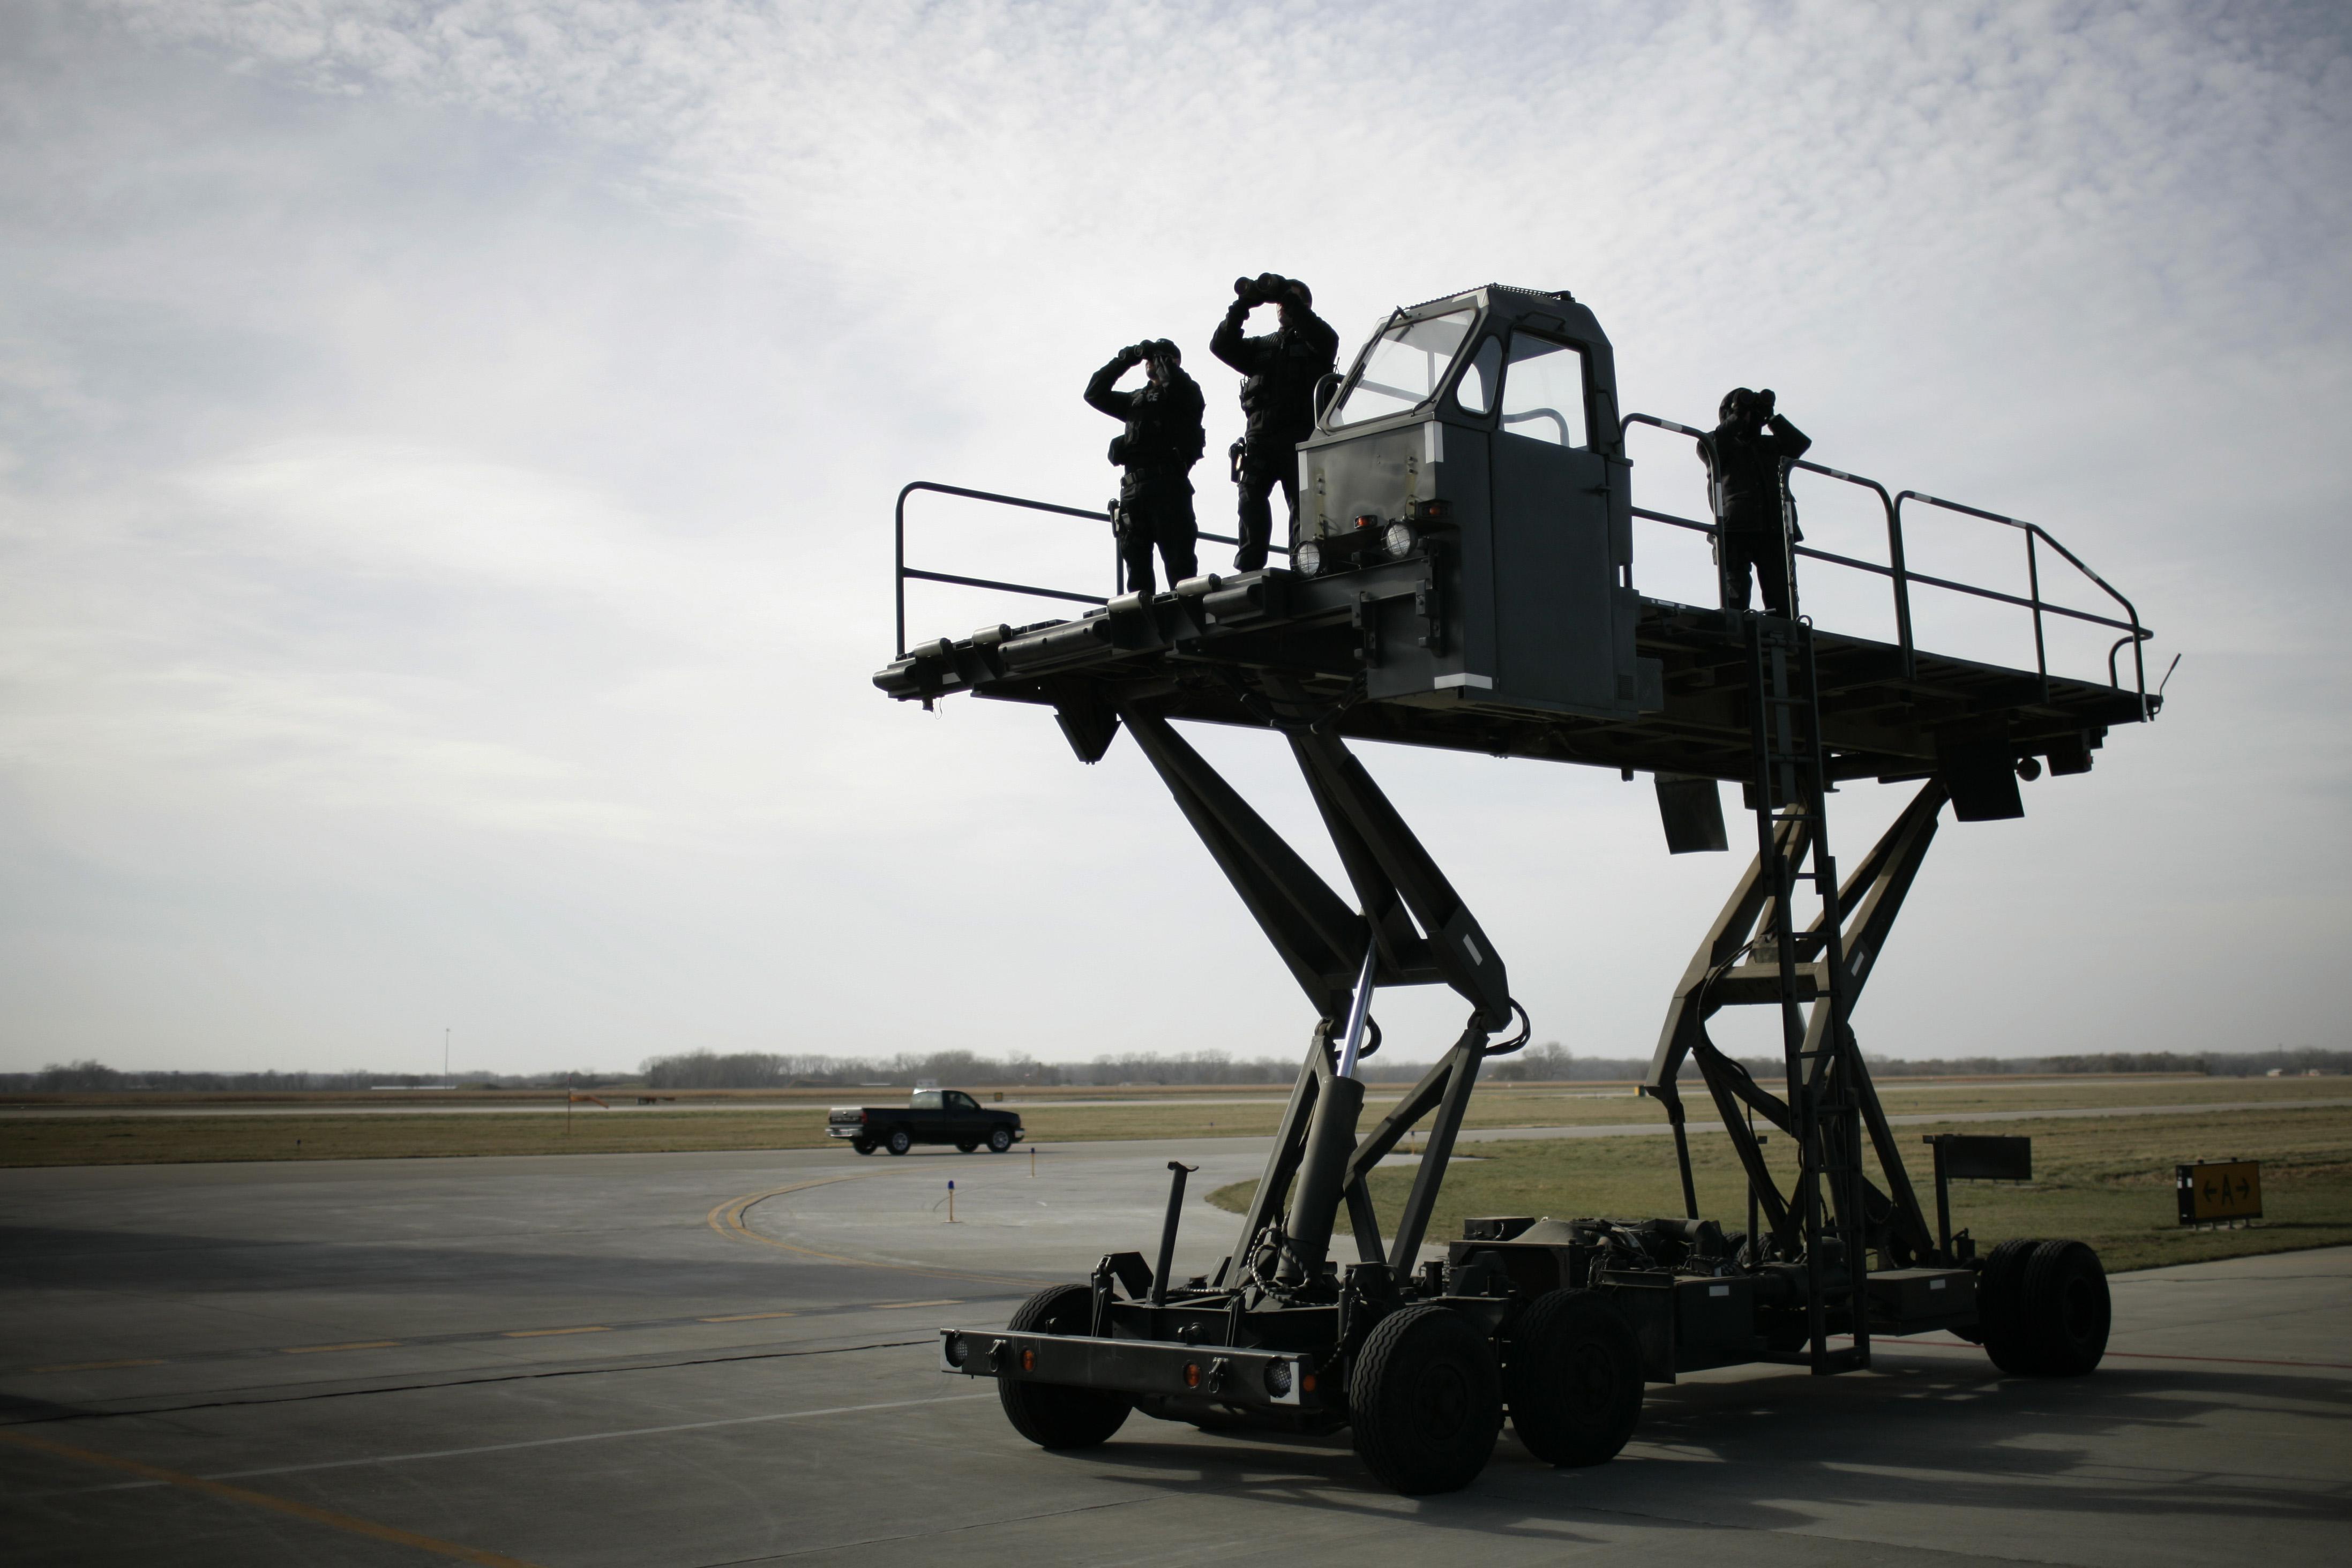 Secret Service agents watch as U.S. President George W. Bush arrives in Cedar Rapids, Iowa on Nov. 3, 2006.